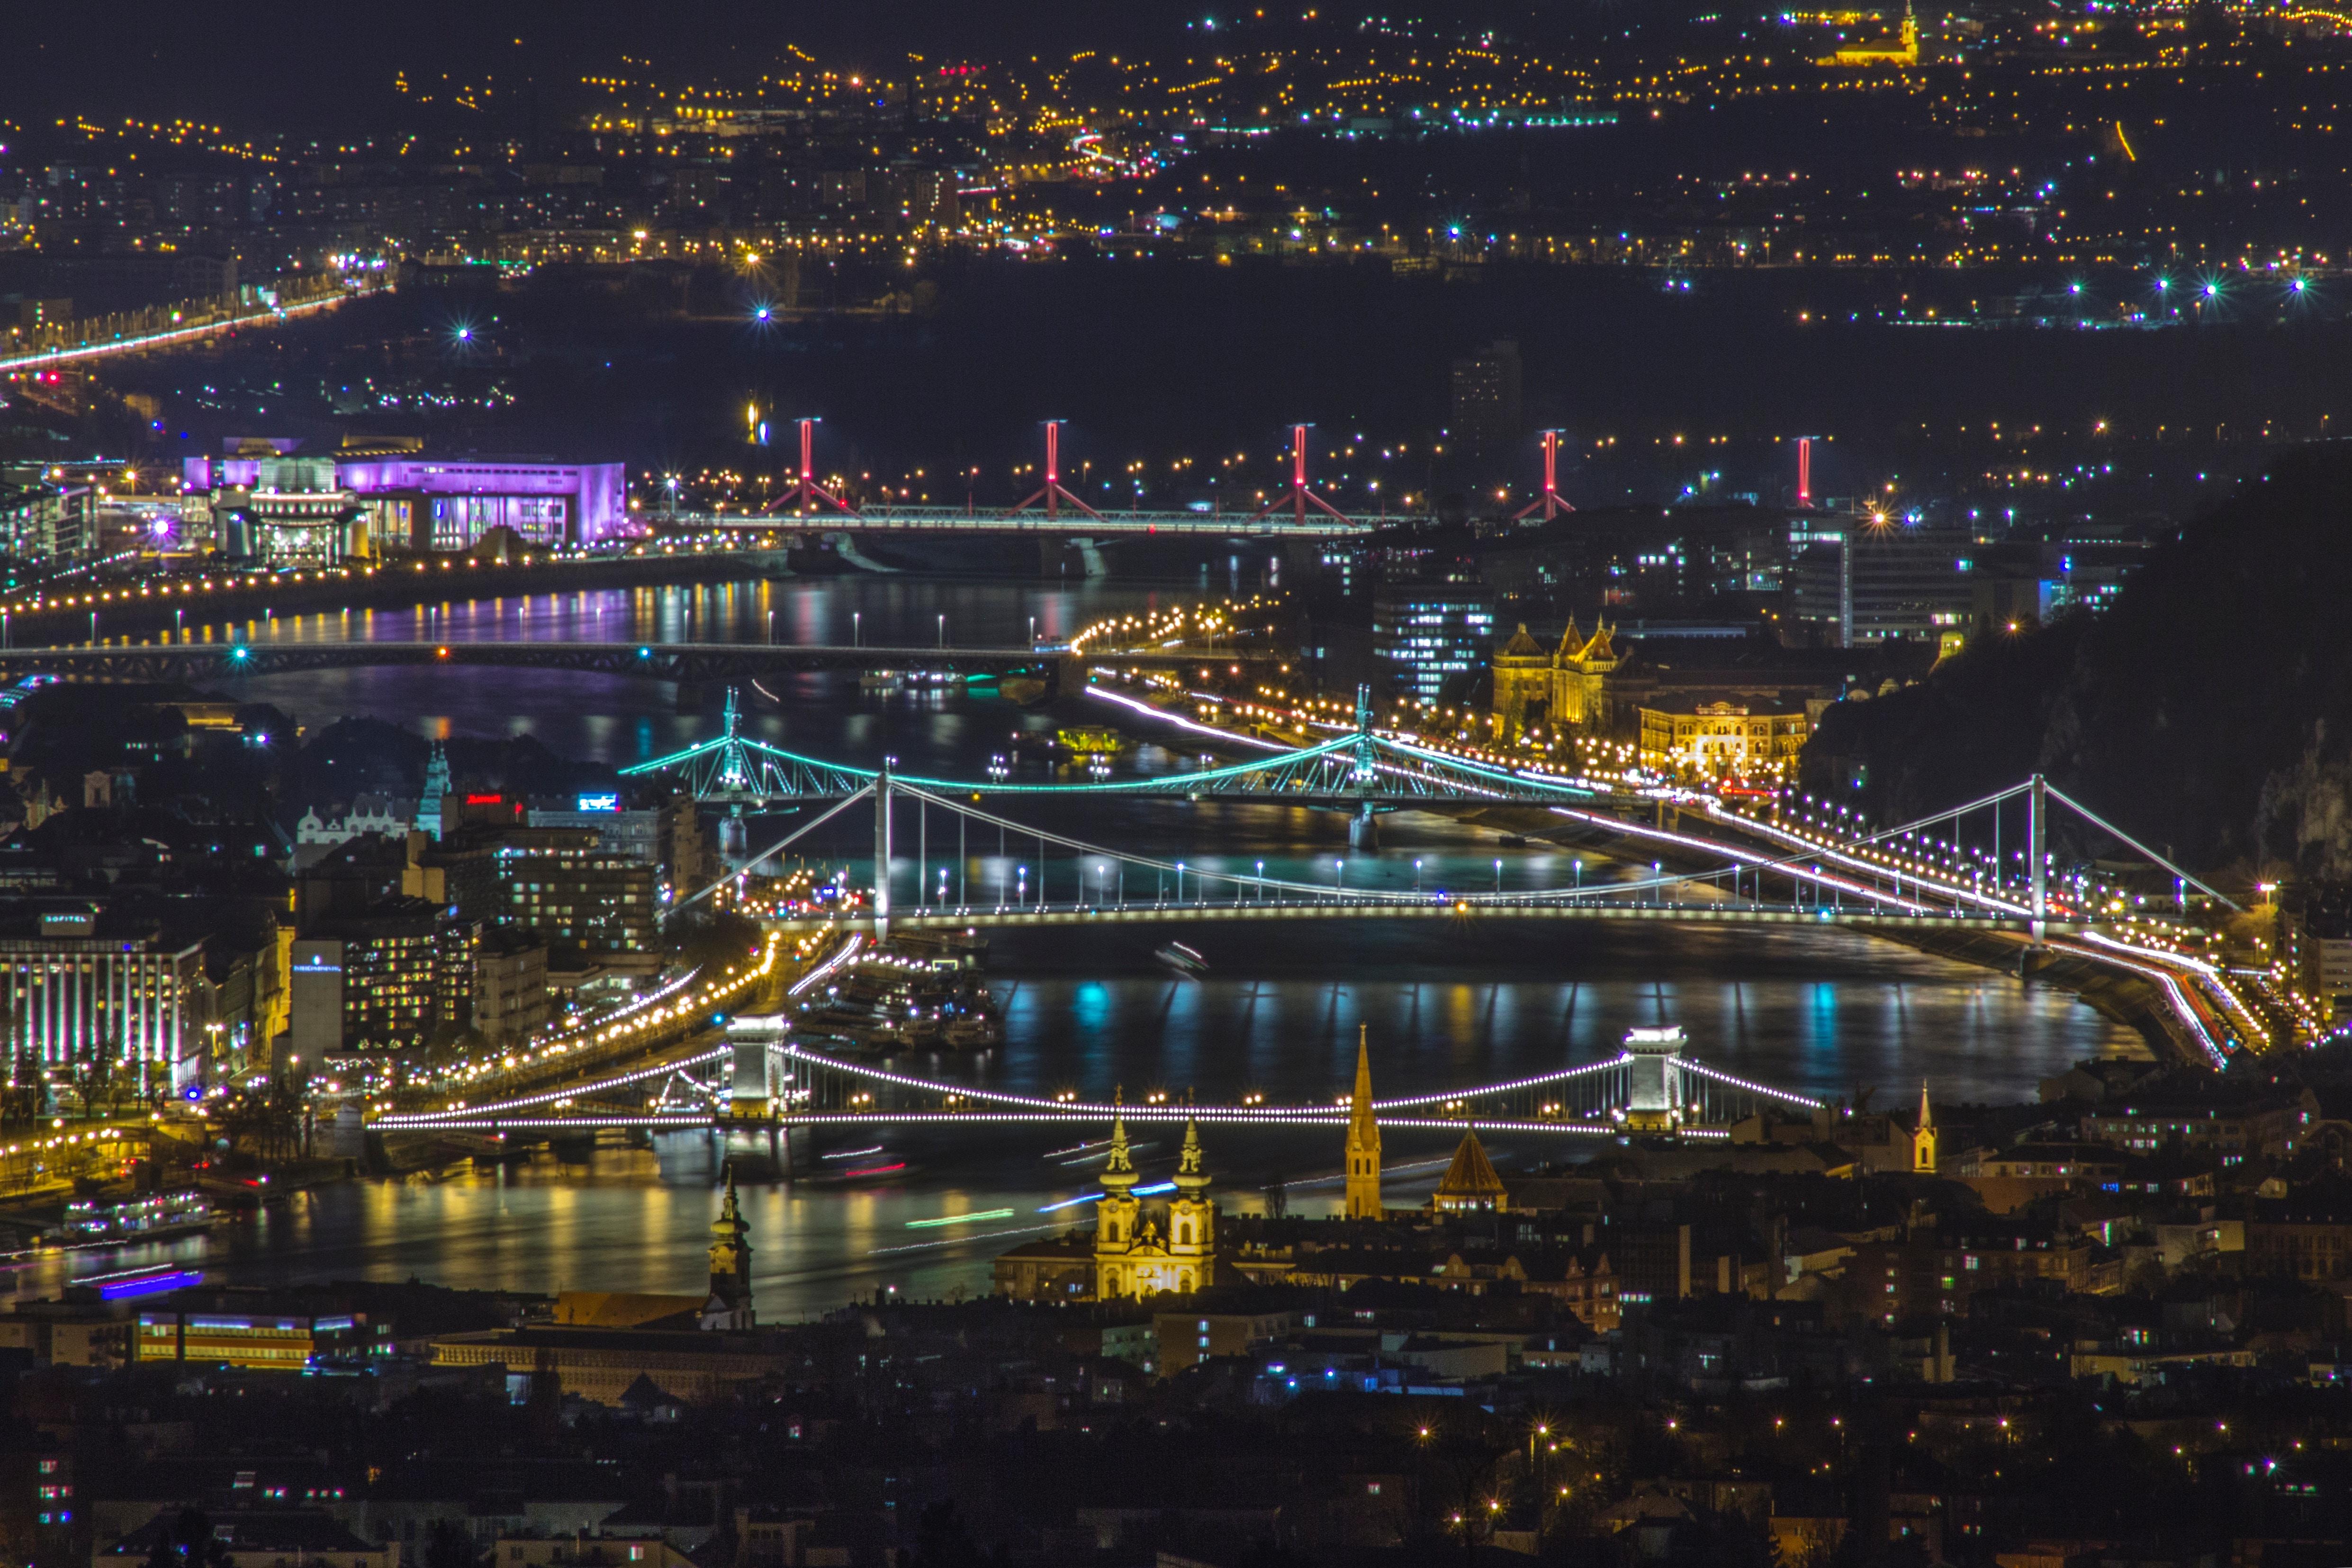 Fantastisk Budapest panorama bilde